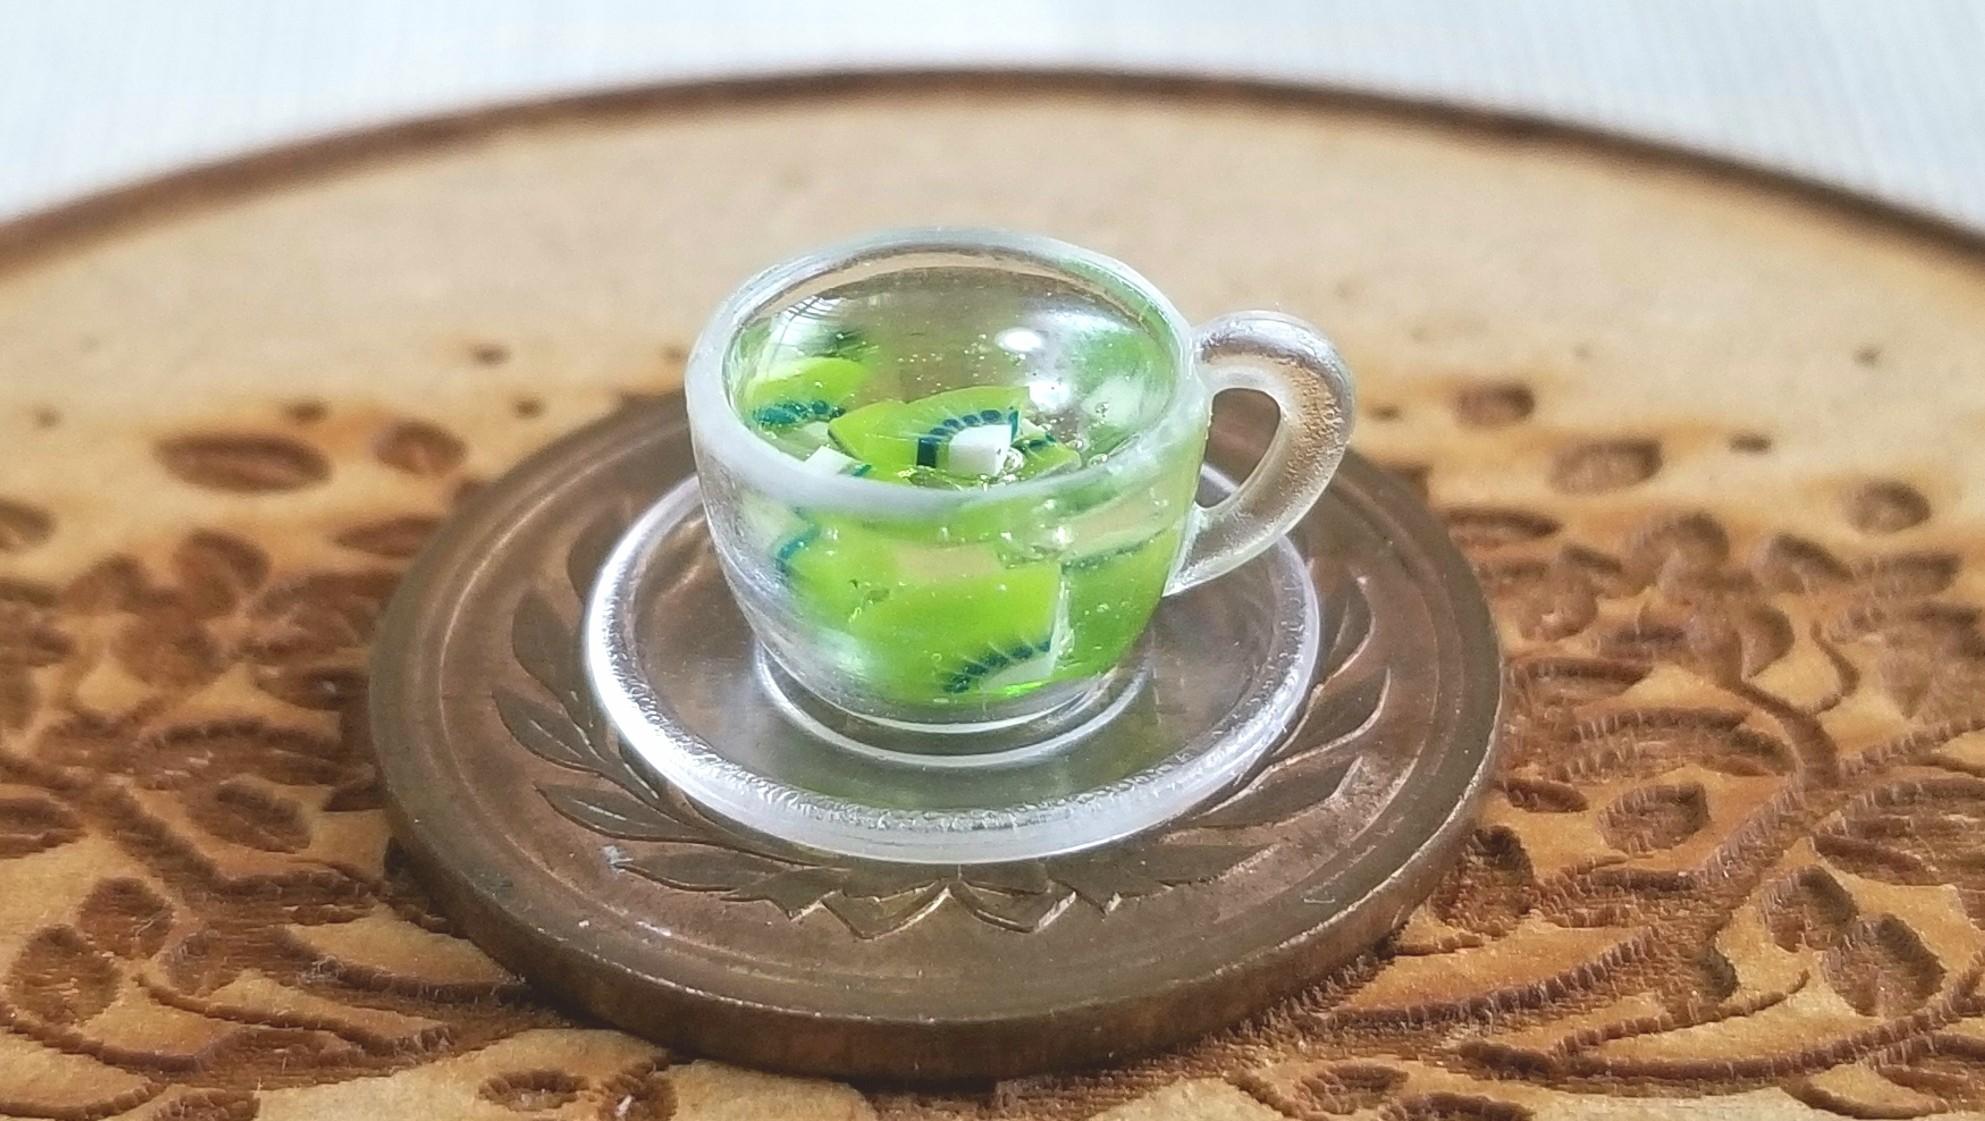 可愛いお洒落なフルーツアイスティー,キウイ,美味しそうな紅茶